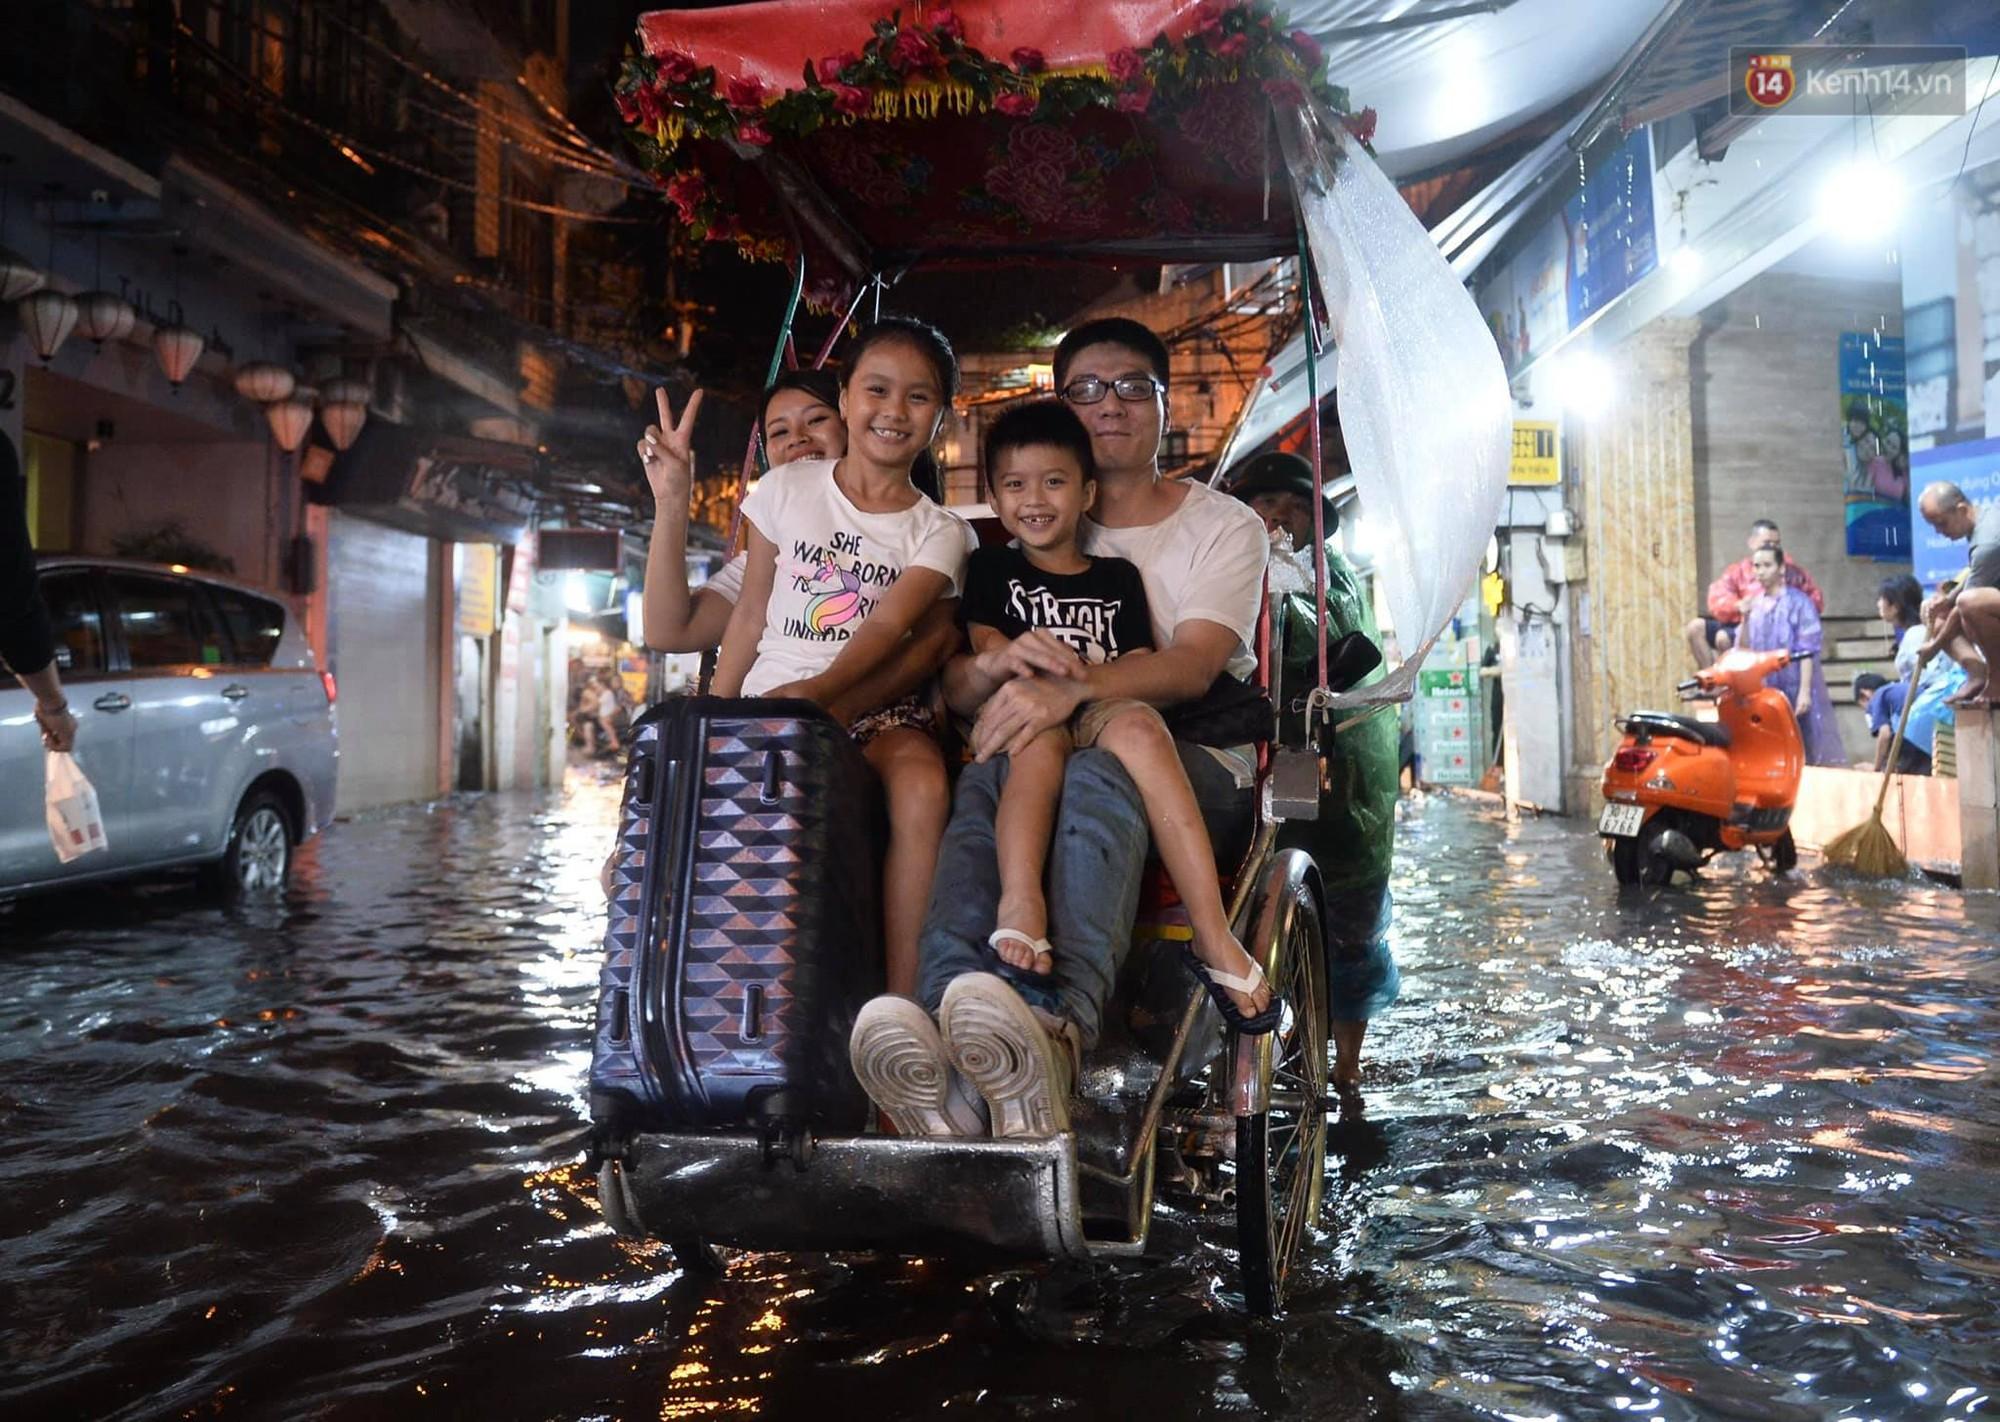 Hà Nội: Phố tây Tạ Hiện - Lương Ngọc Quyến mênh mông nước, nhiều cặp đôi phải cõng nhau di chuyển - Ảnh 9.